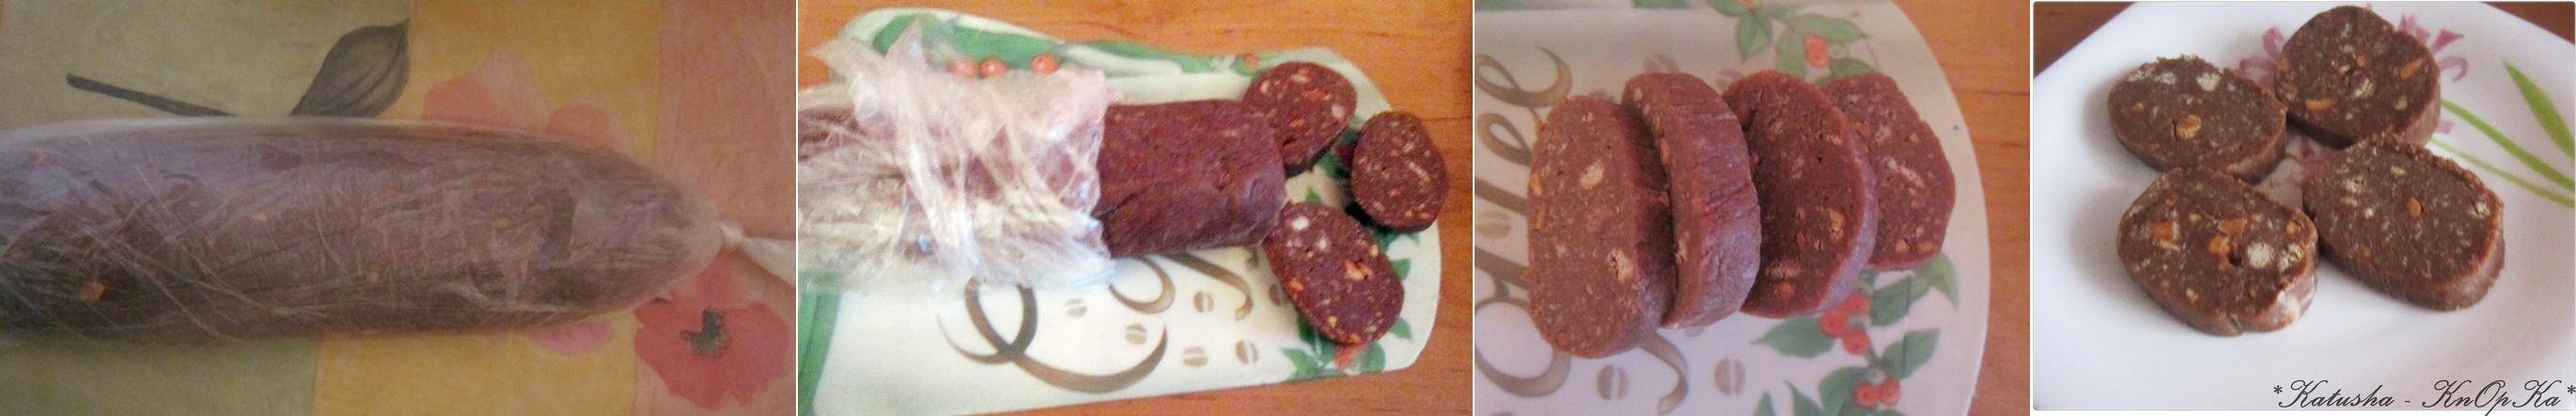 Рецепты с пошаговым шоколадной колбасы